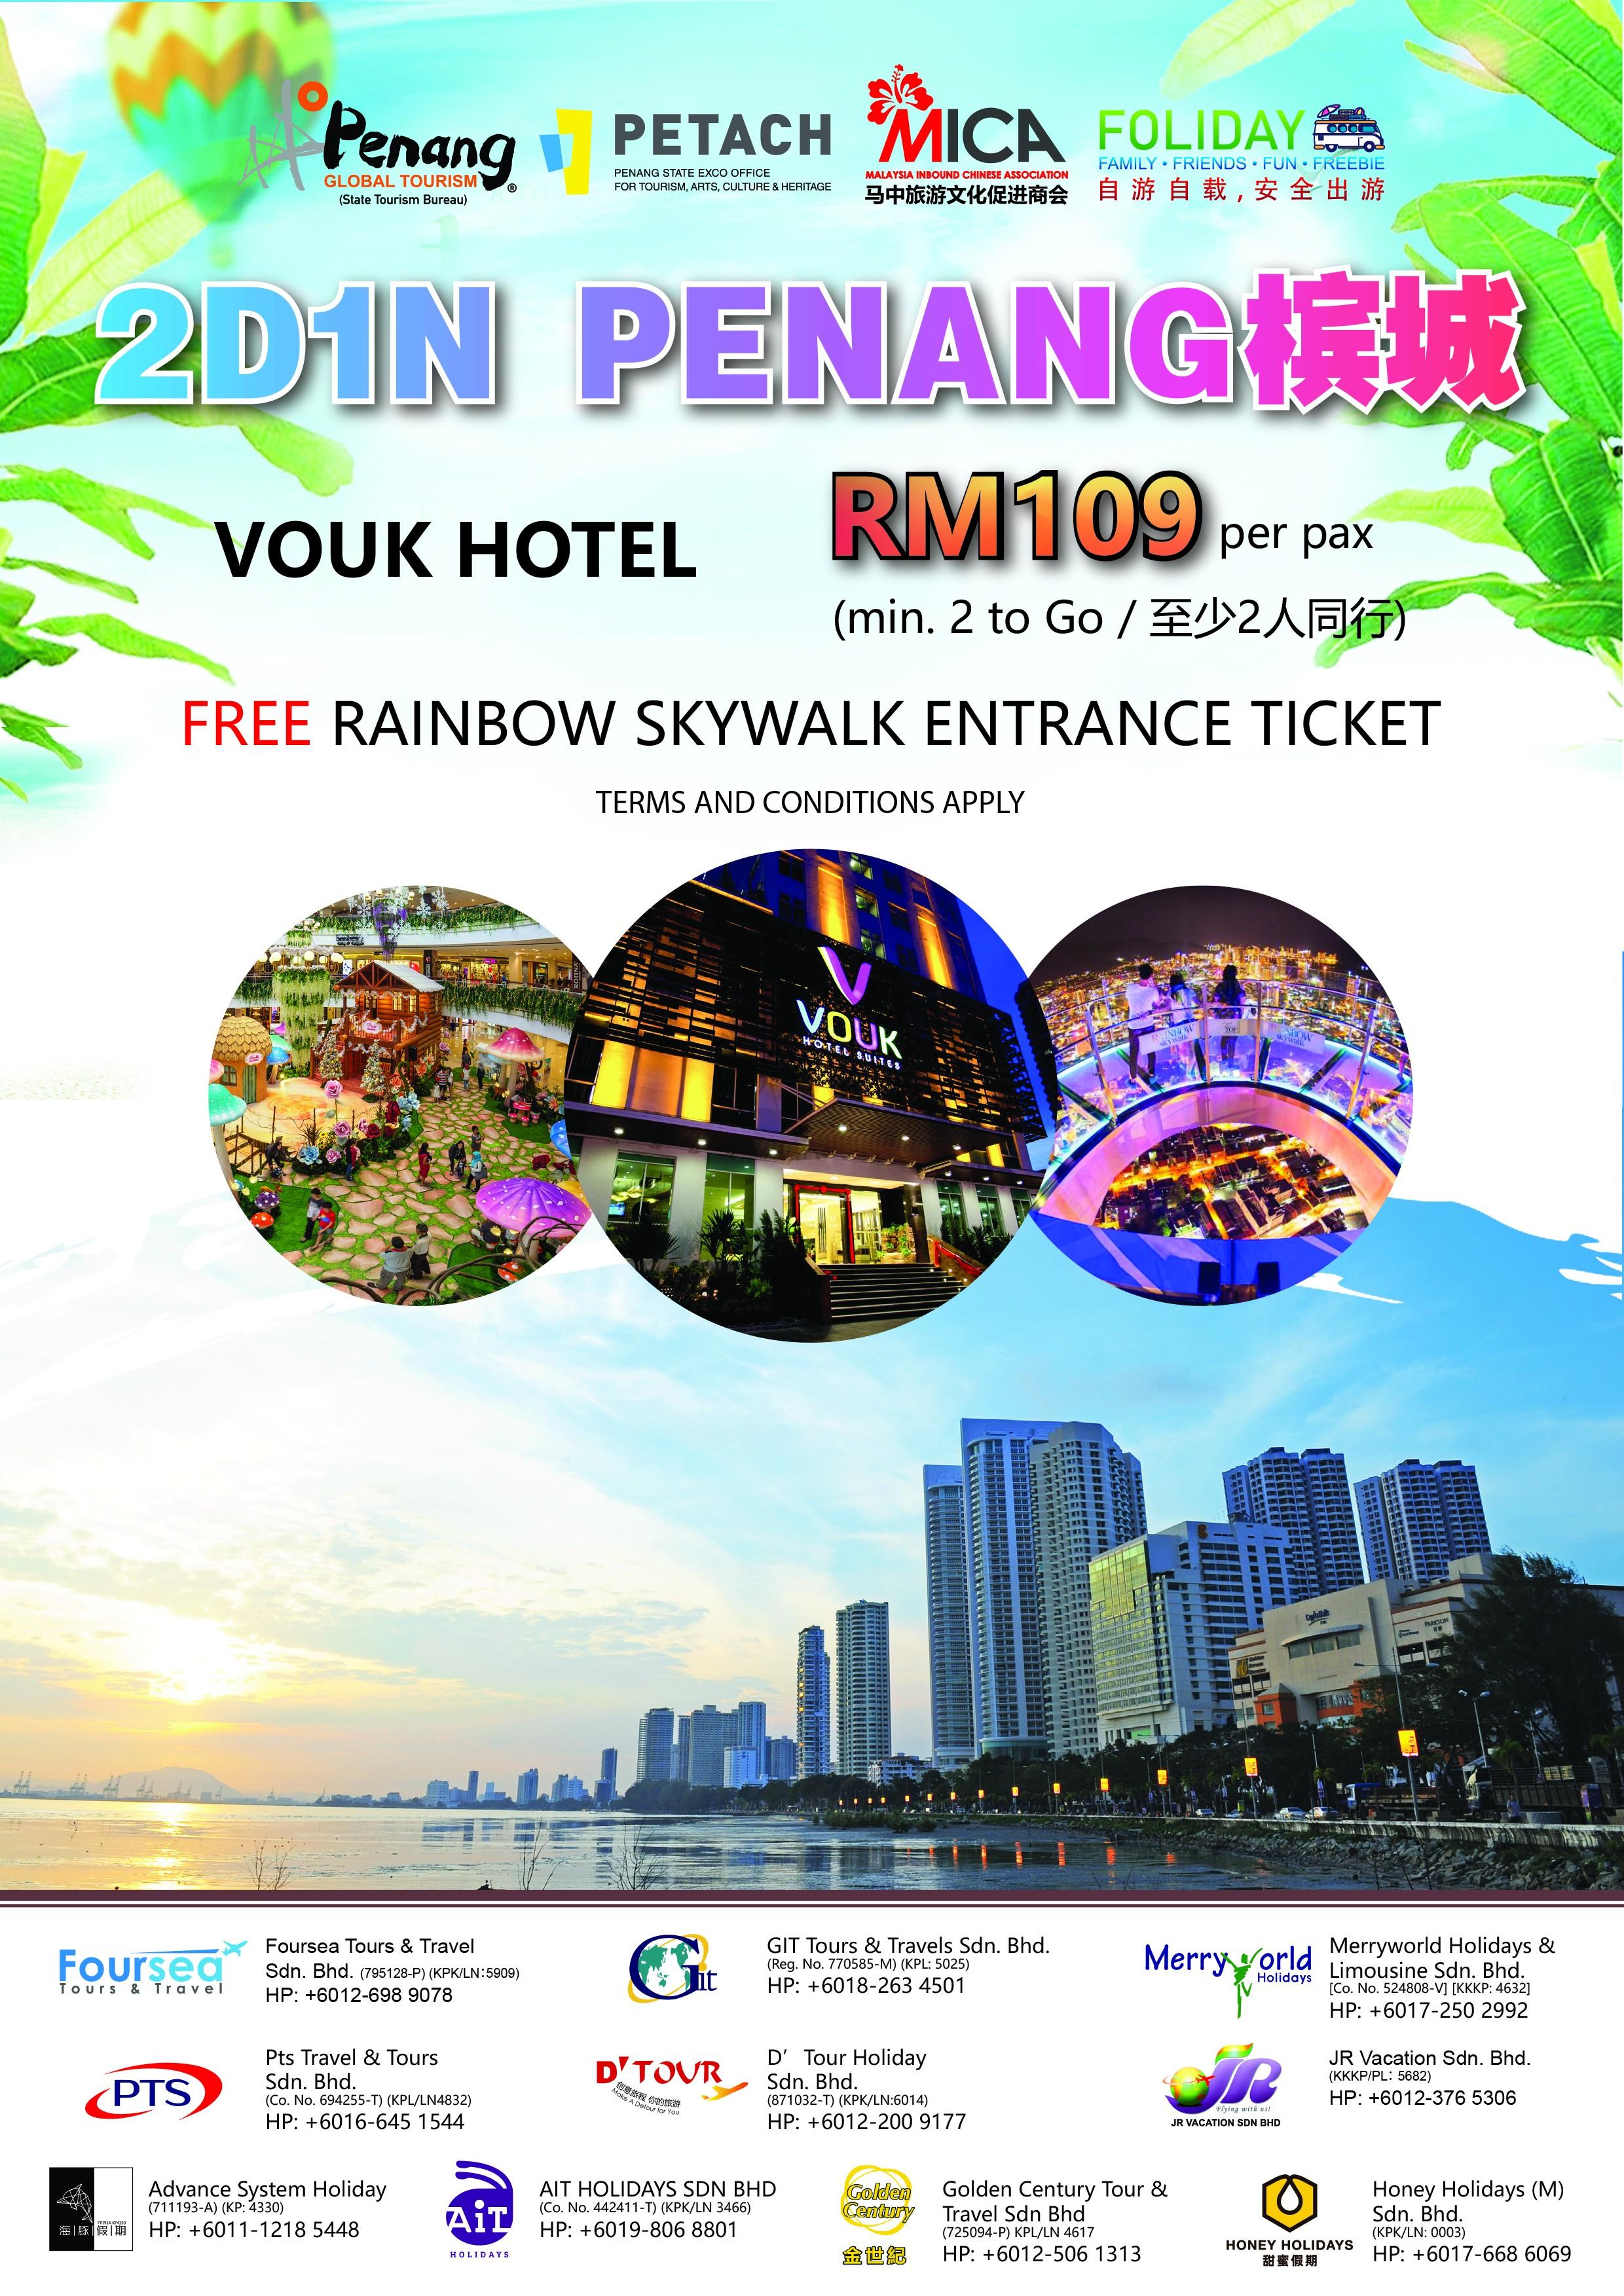 2D1N Penang - Vouk Hotel